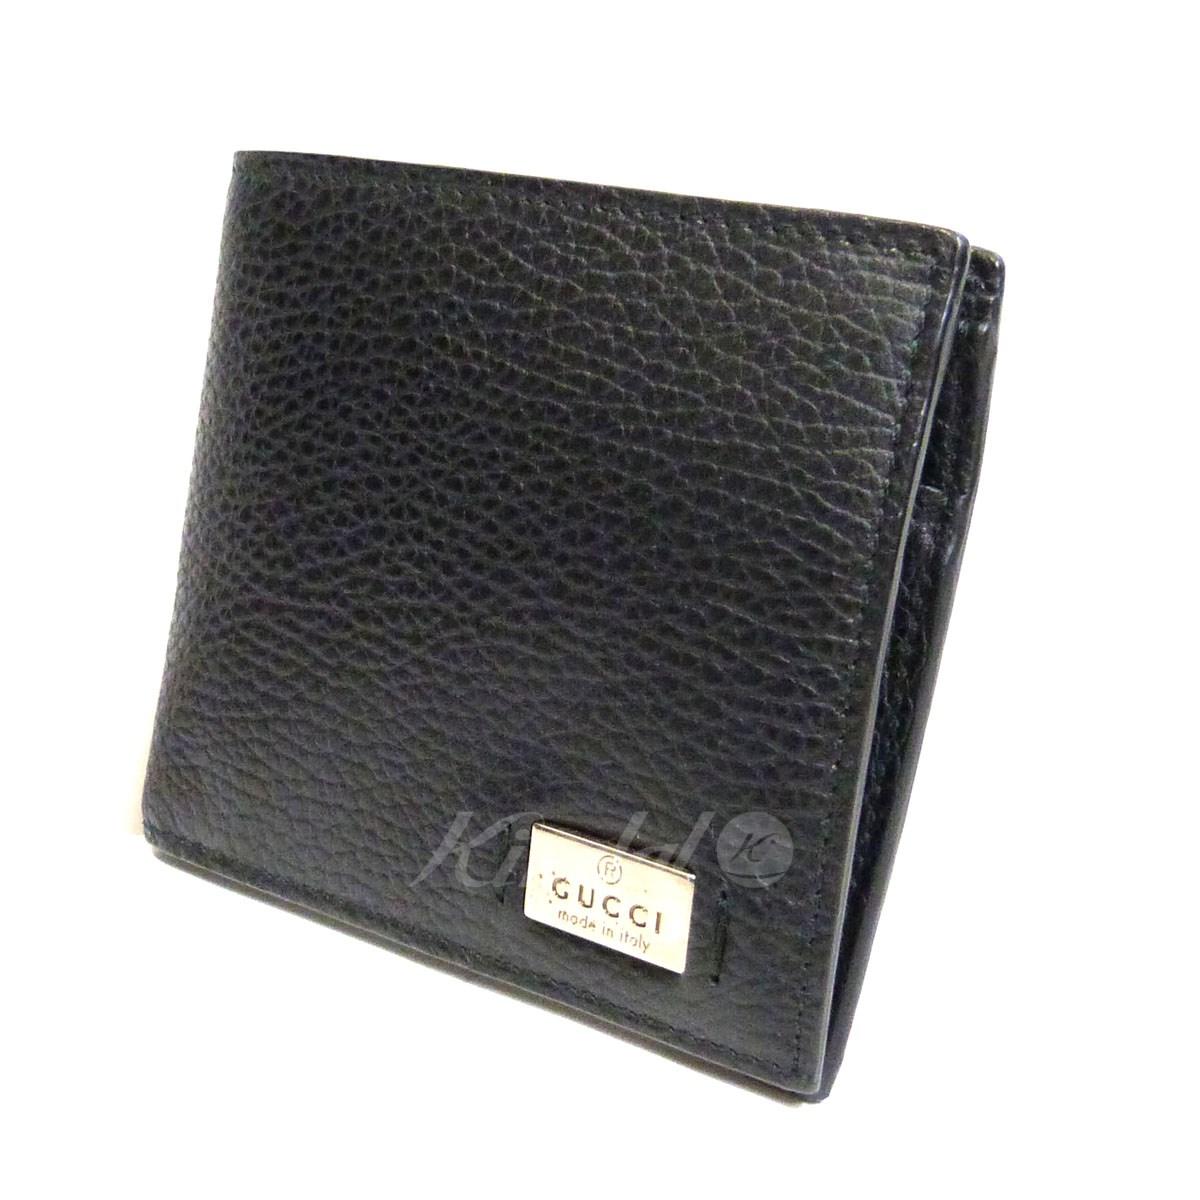 【中古】GUCCI レザー2つ折り財布 【送料無料】 【054456】 【KIND1551】